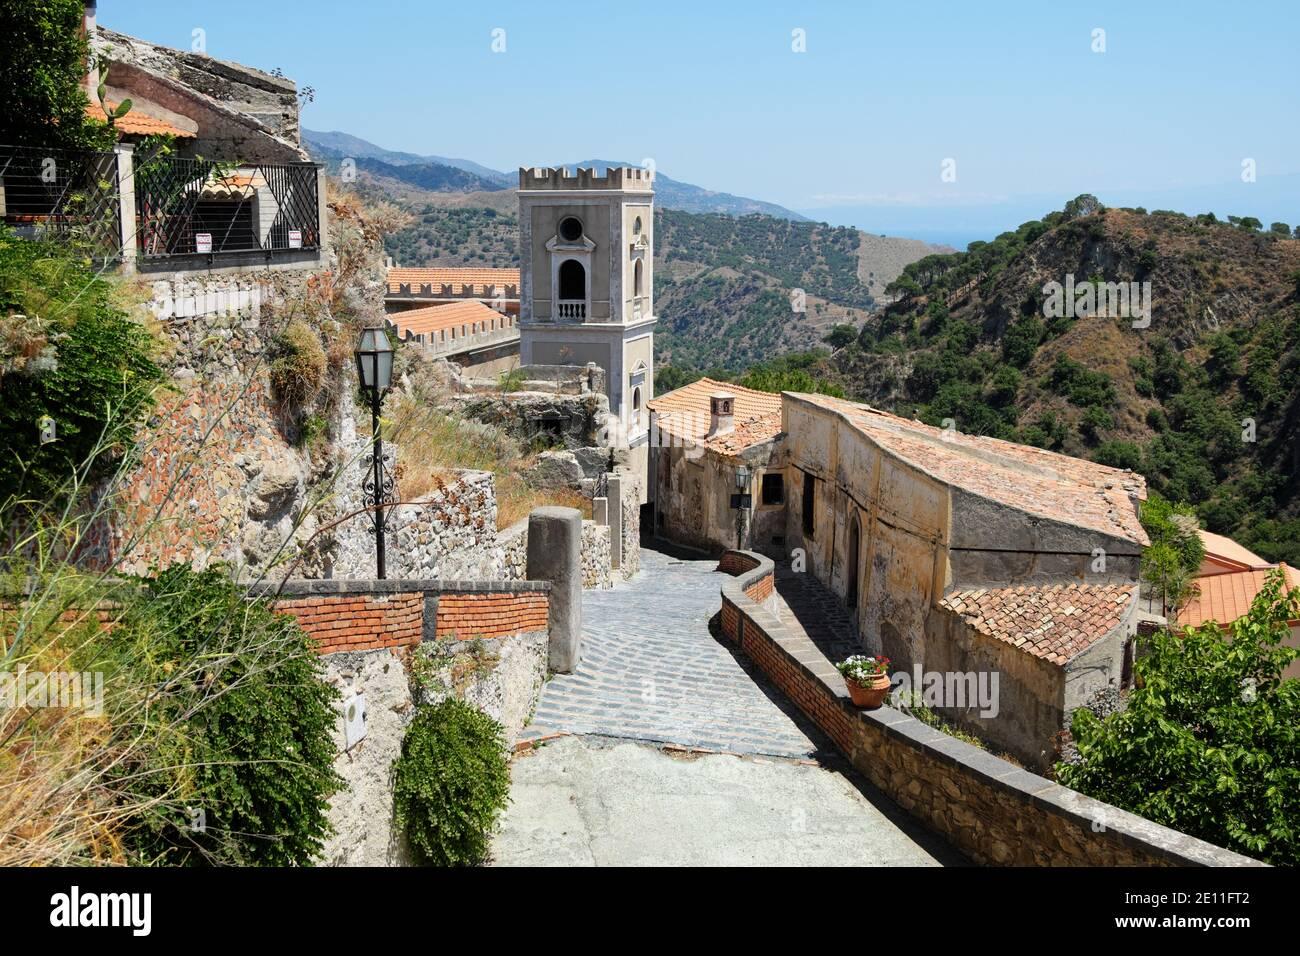 Maisons et clocher dans les rues de Savoca Old Ville médiévale architecture en Sicile et destination du tourisme Banque D'Images